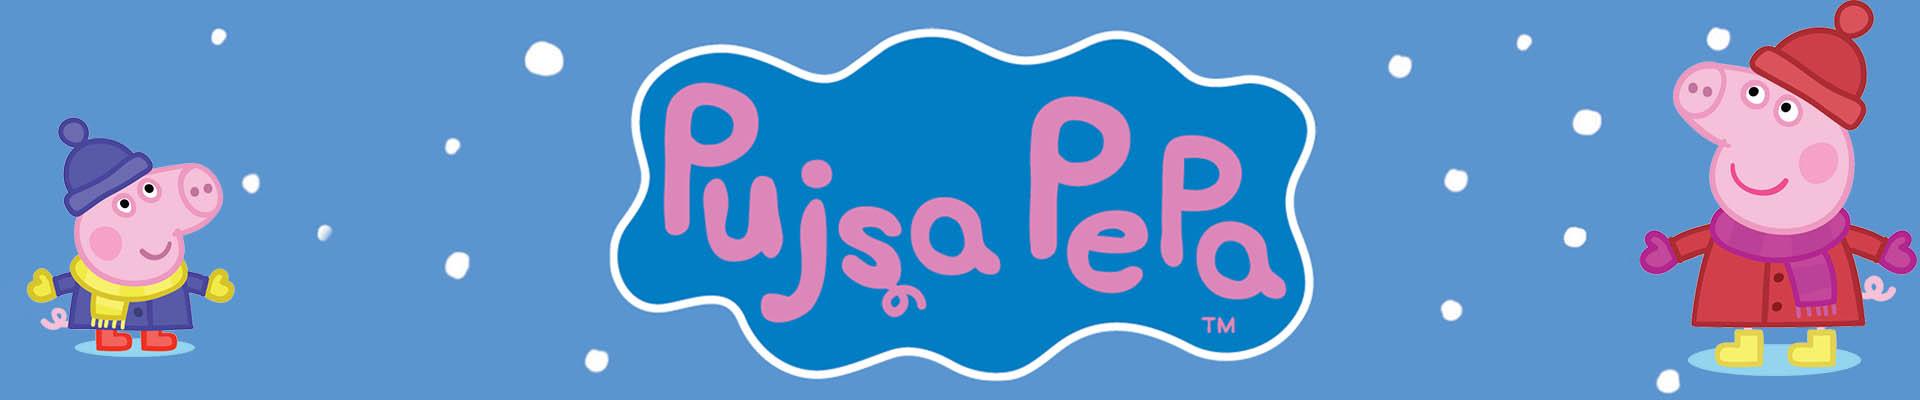 pujsapepa_banner